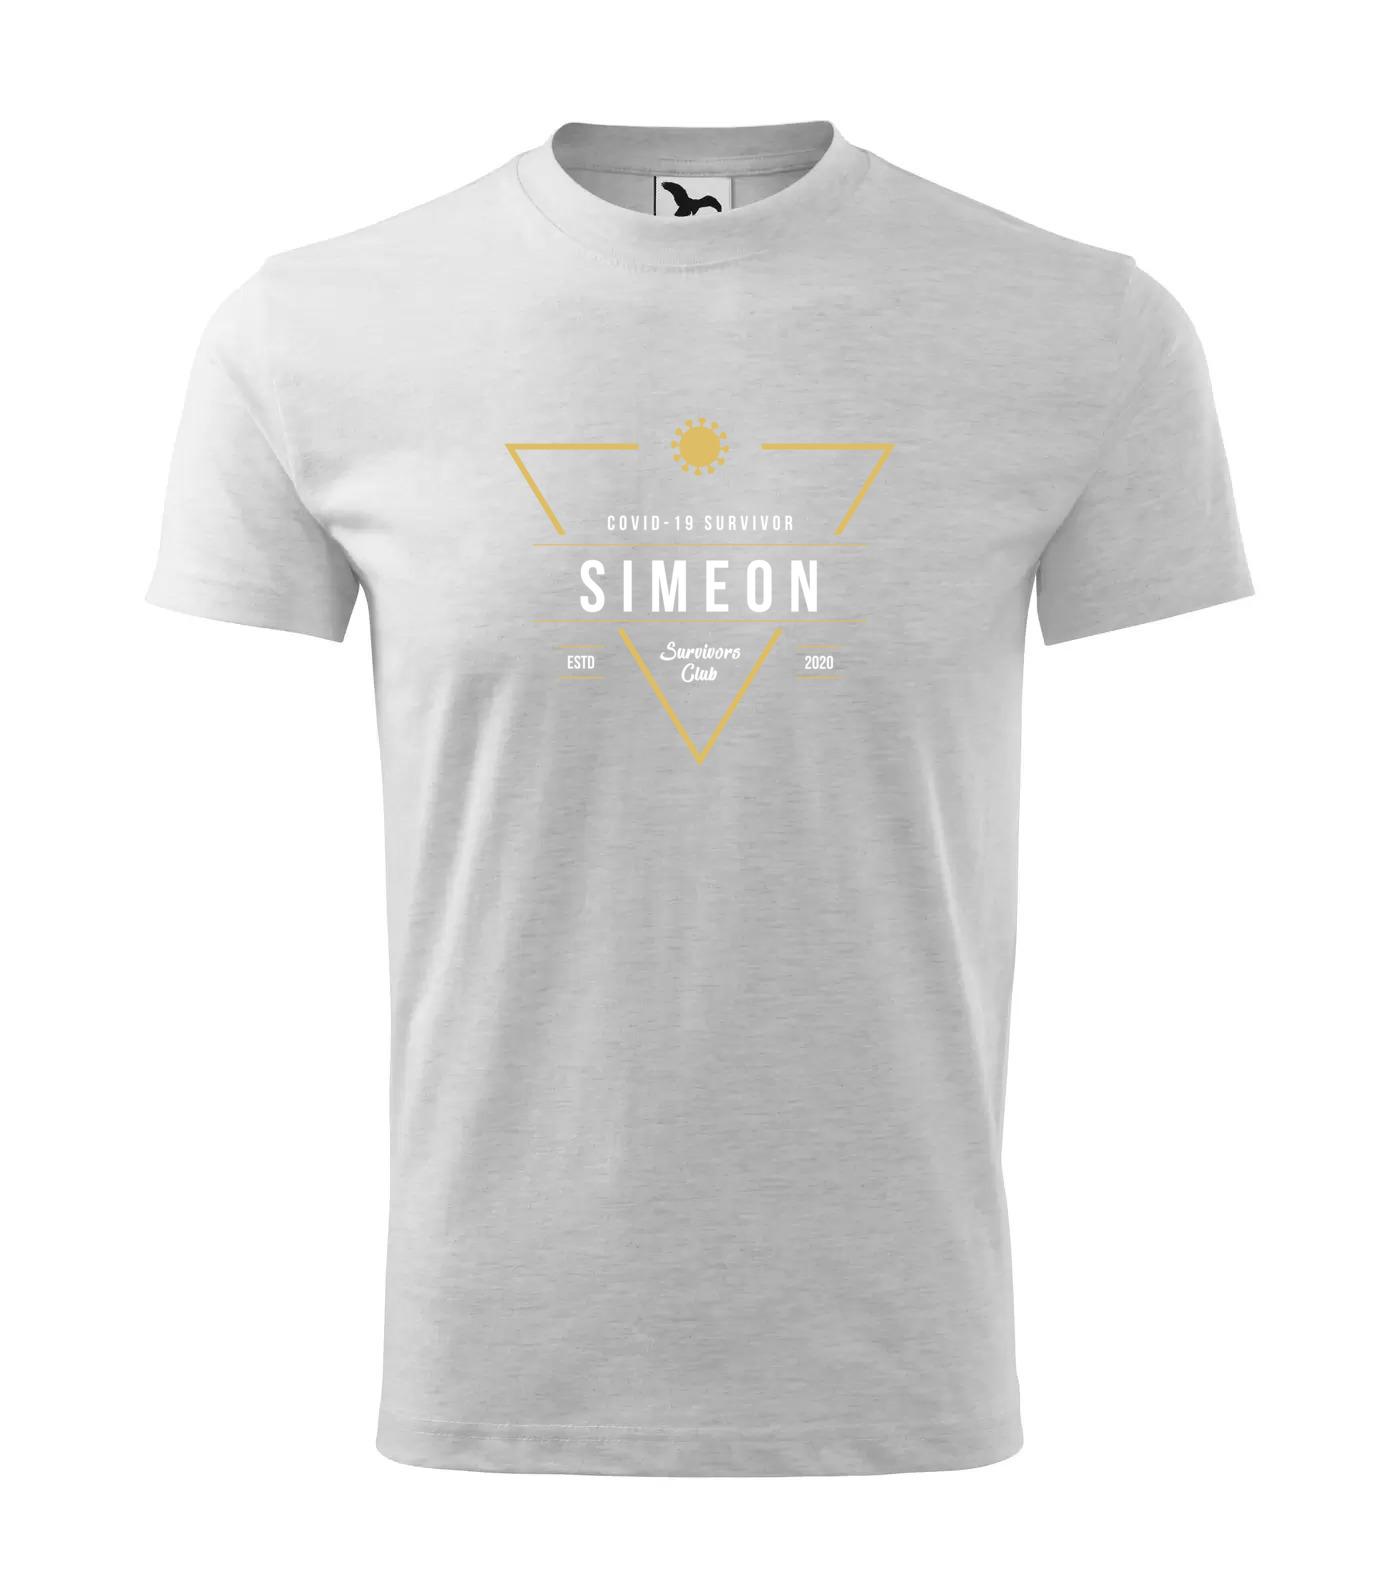 Tričko Survivor Club Simeon